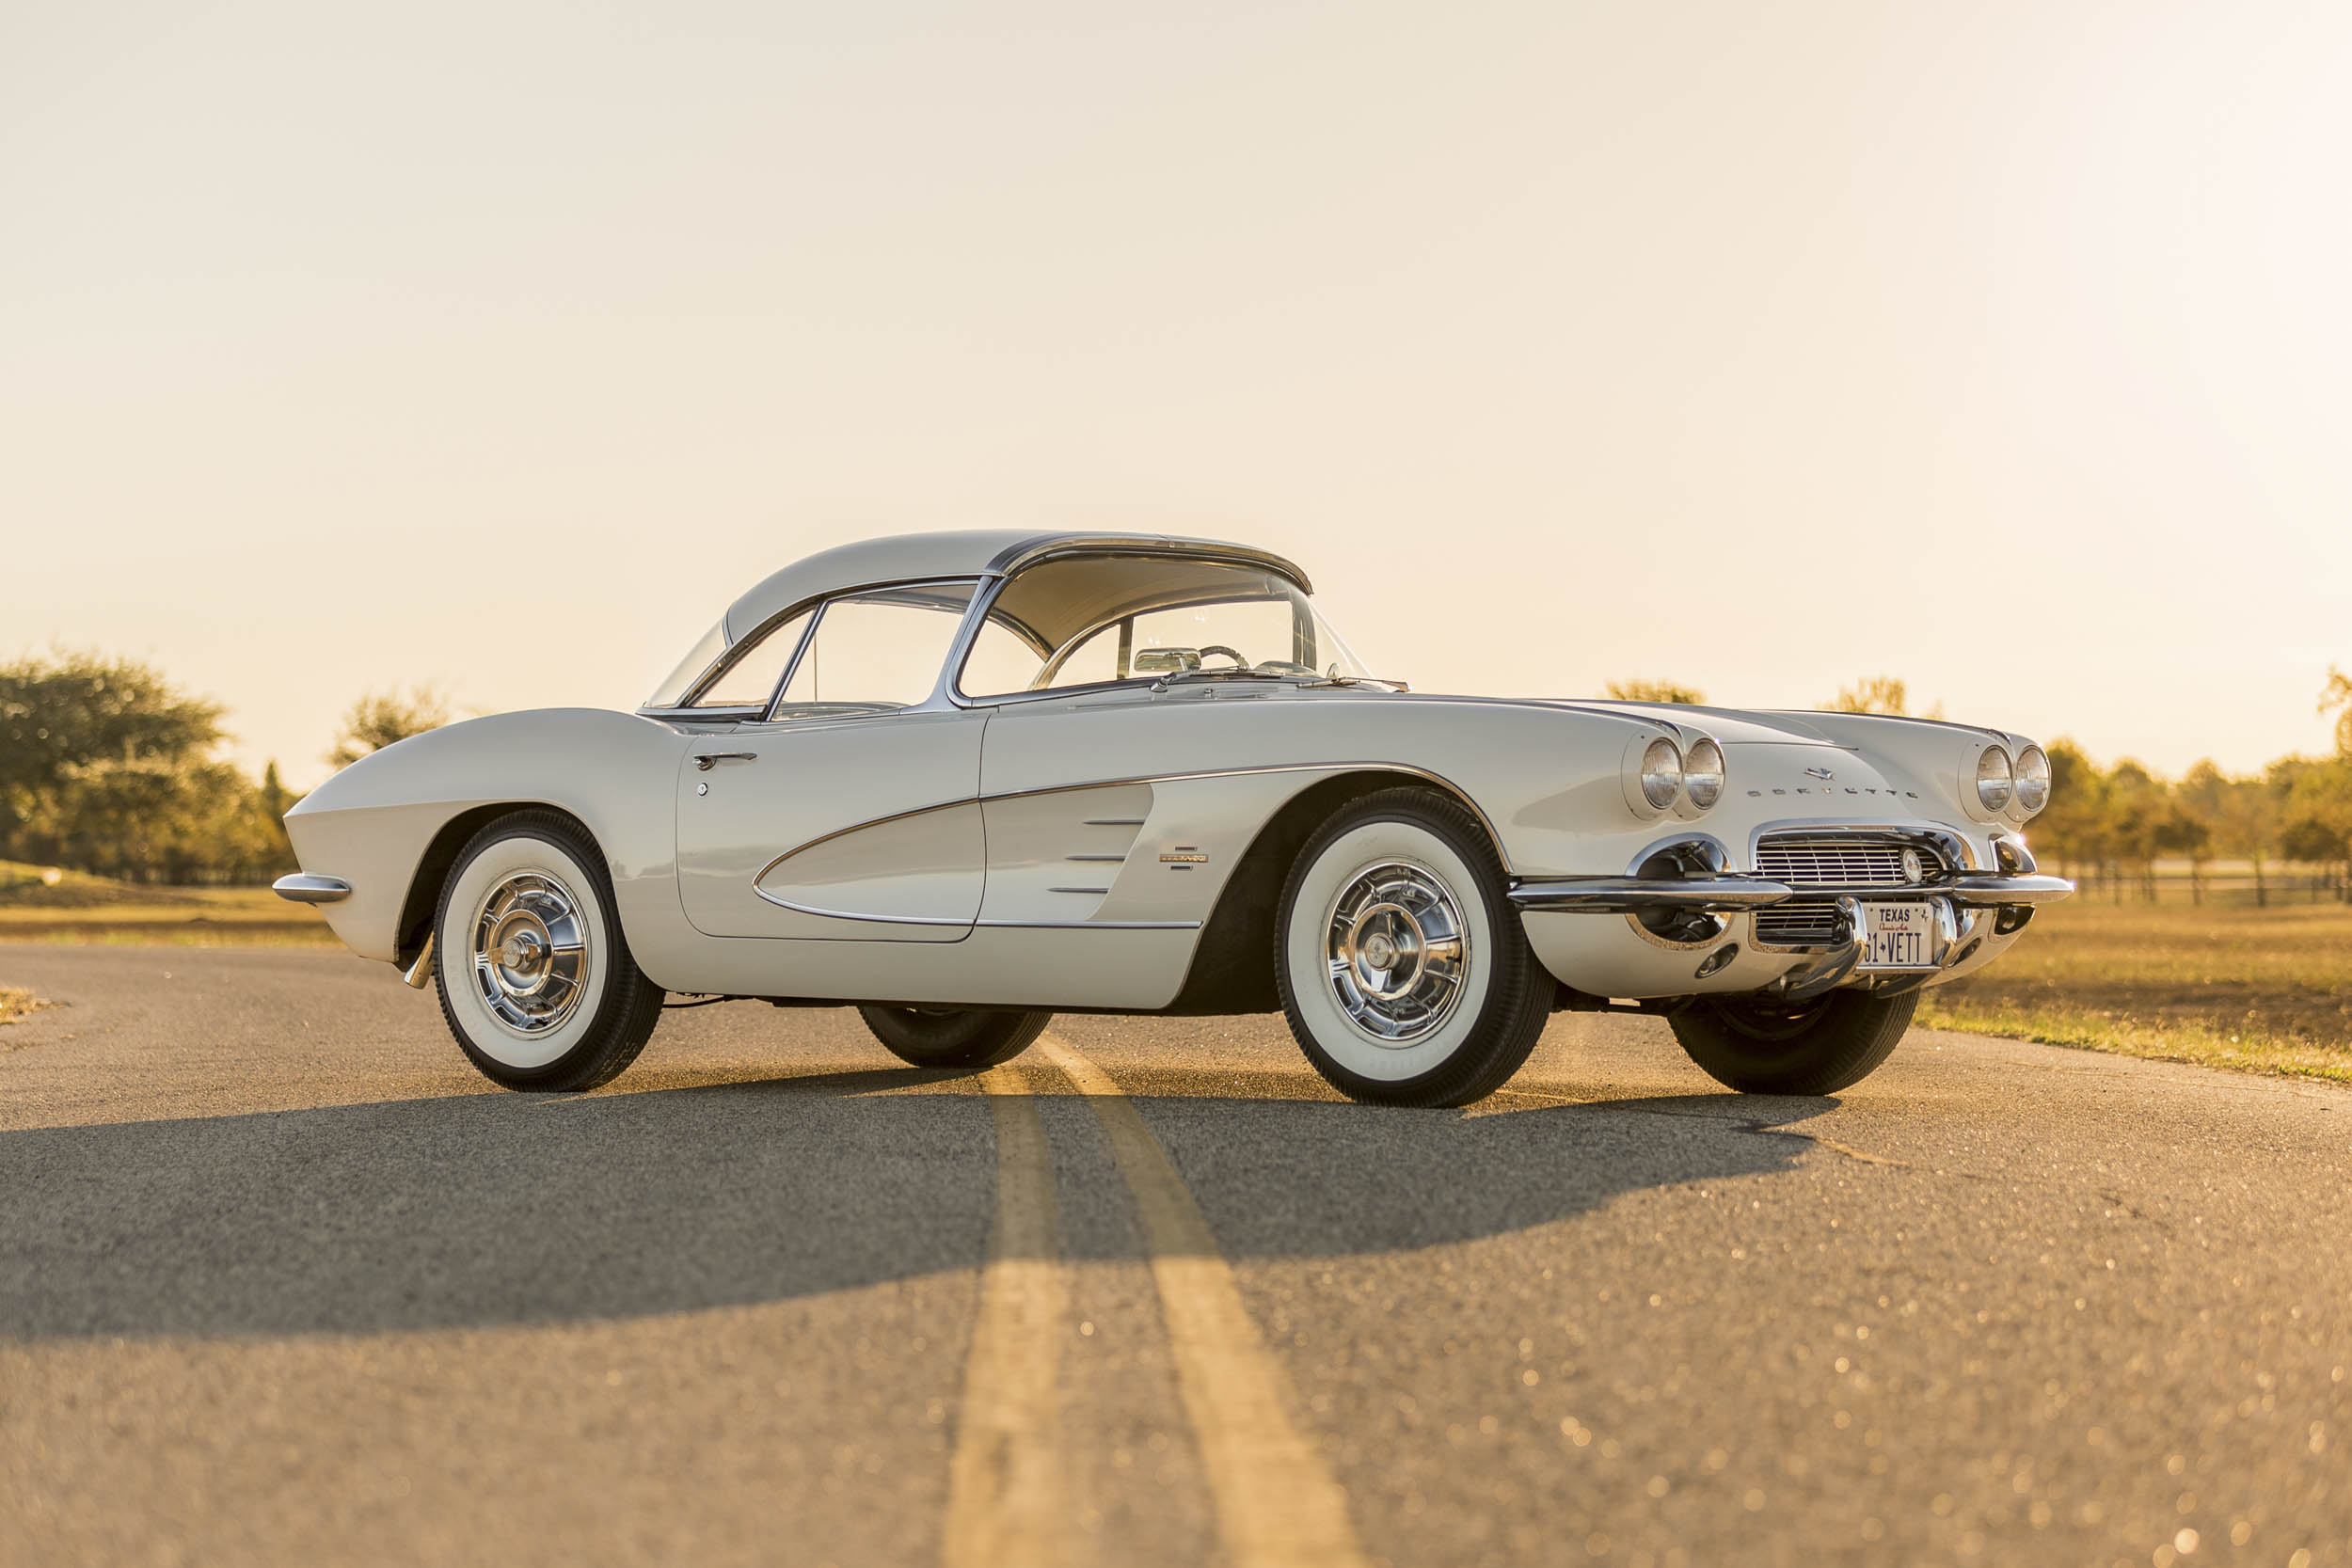 1961 Chevrolet Corvette front 3/4